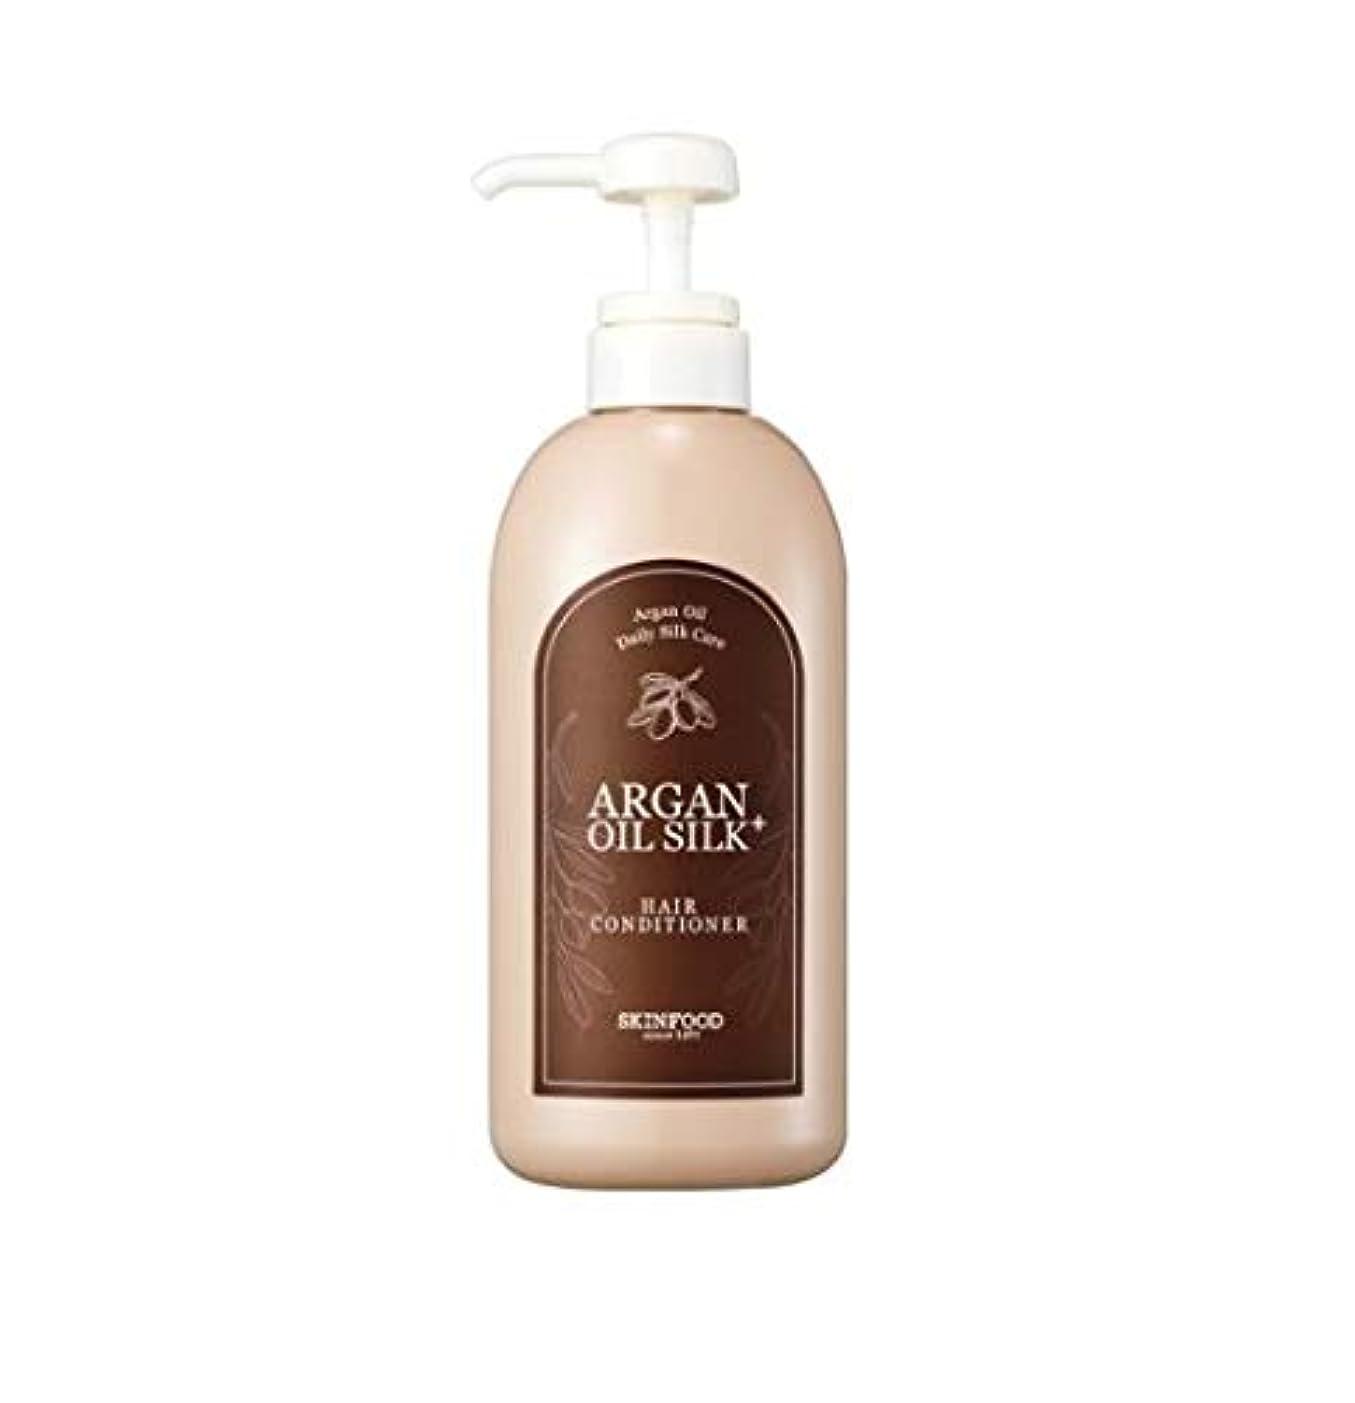 音節膜白雪姫Skinfood アルガンオイルシルクプラスヘアコンディショナー/Argan Oil Silk Plus Hair Conditioner 500ml [並行輸入品]